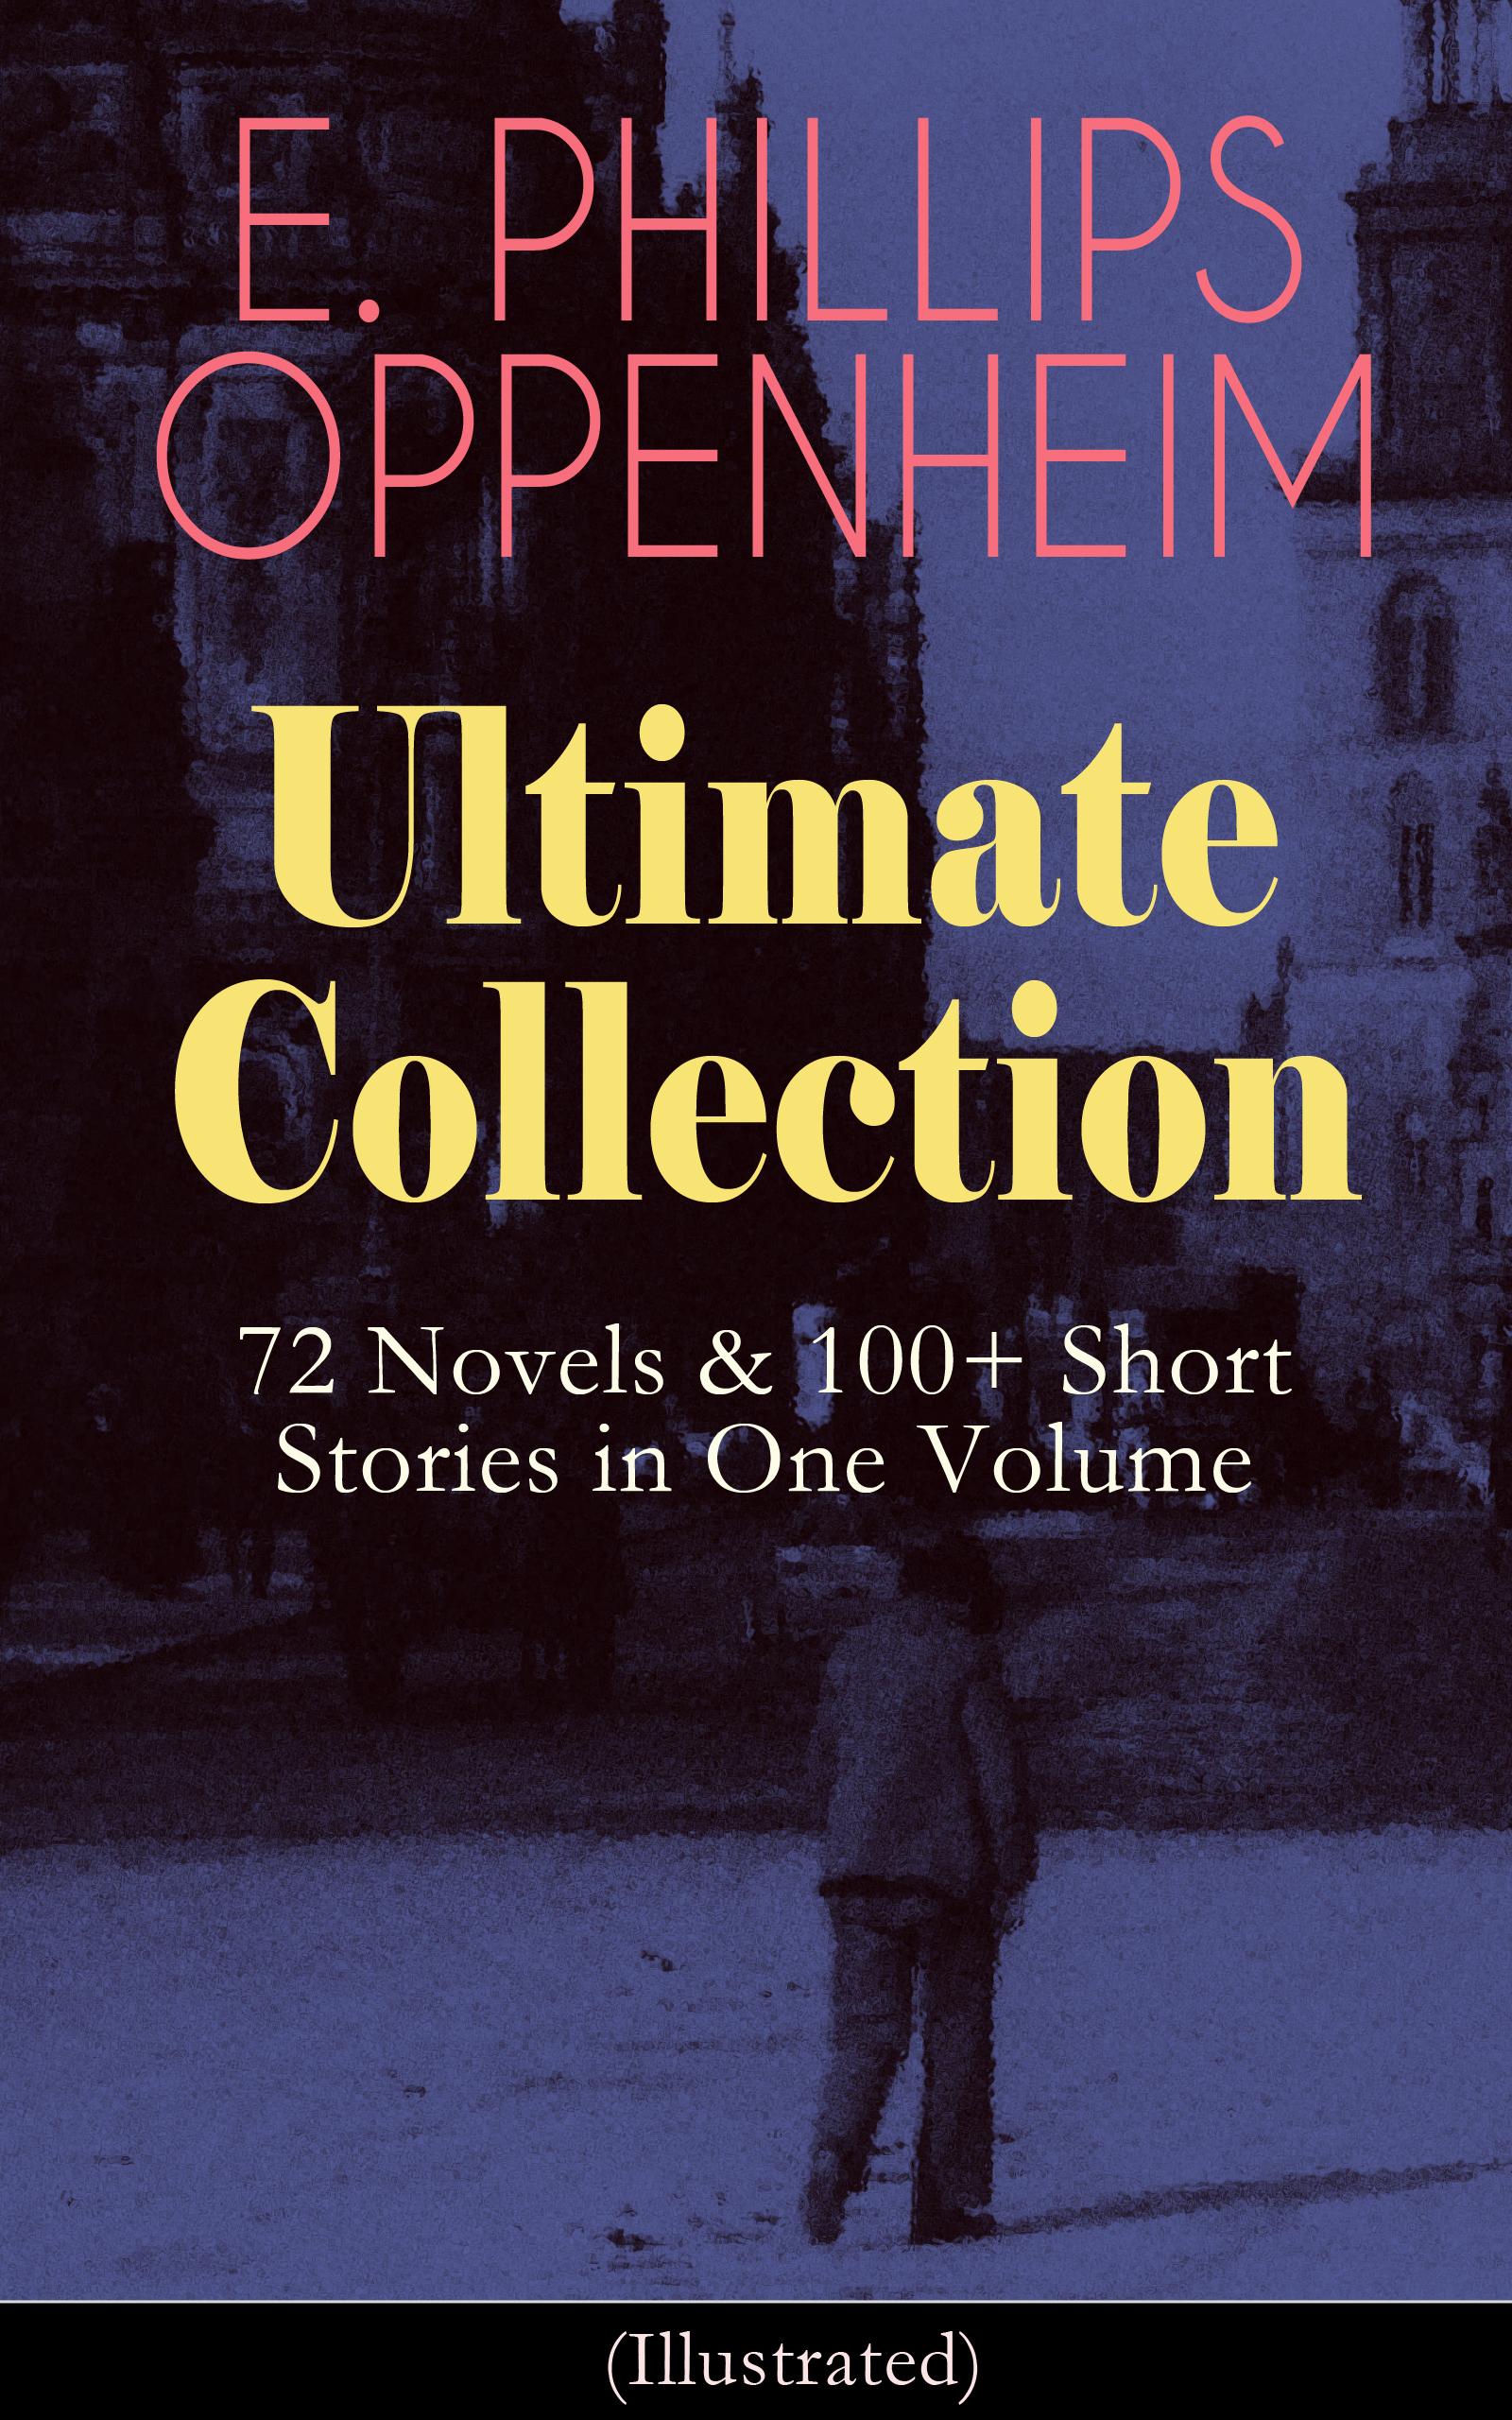 цена E. Phillips Oppenheim E. PHILLIPS OPPENHEIM Ultimate Collection: 72 Novels & 100+ Short Stories in One Volume онлайн в 2017 году